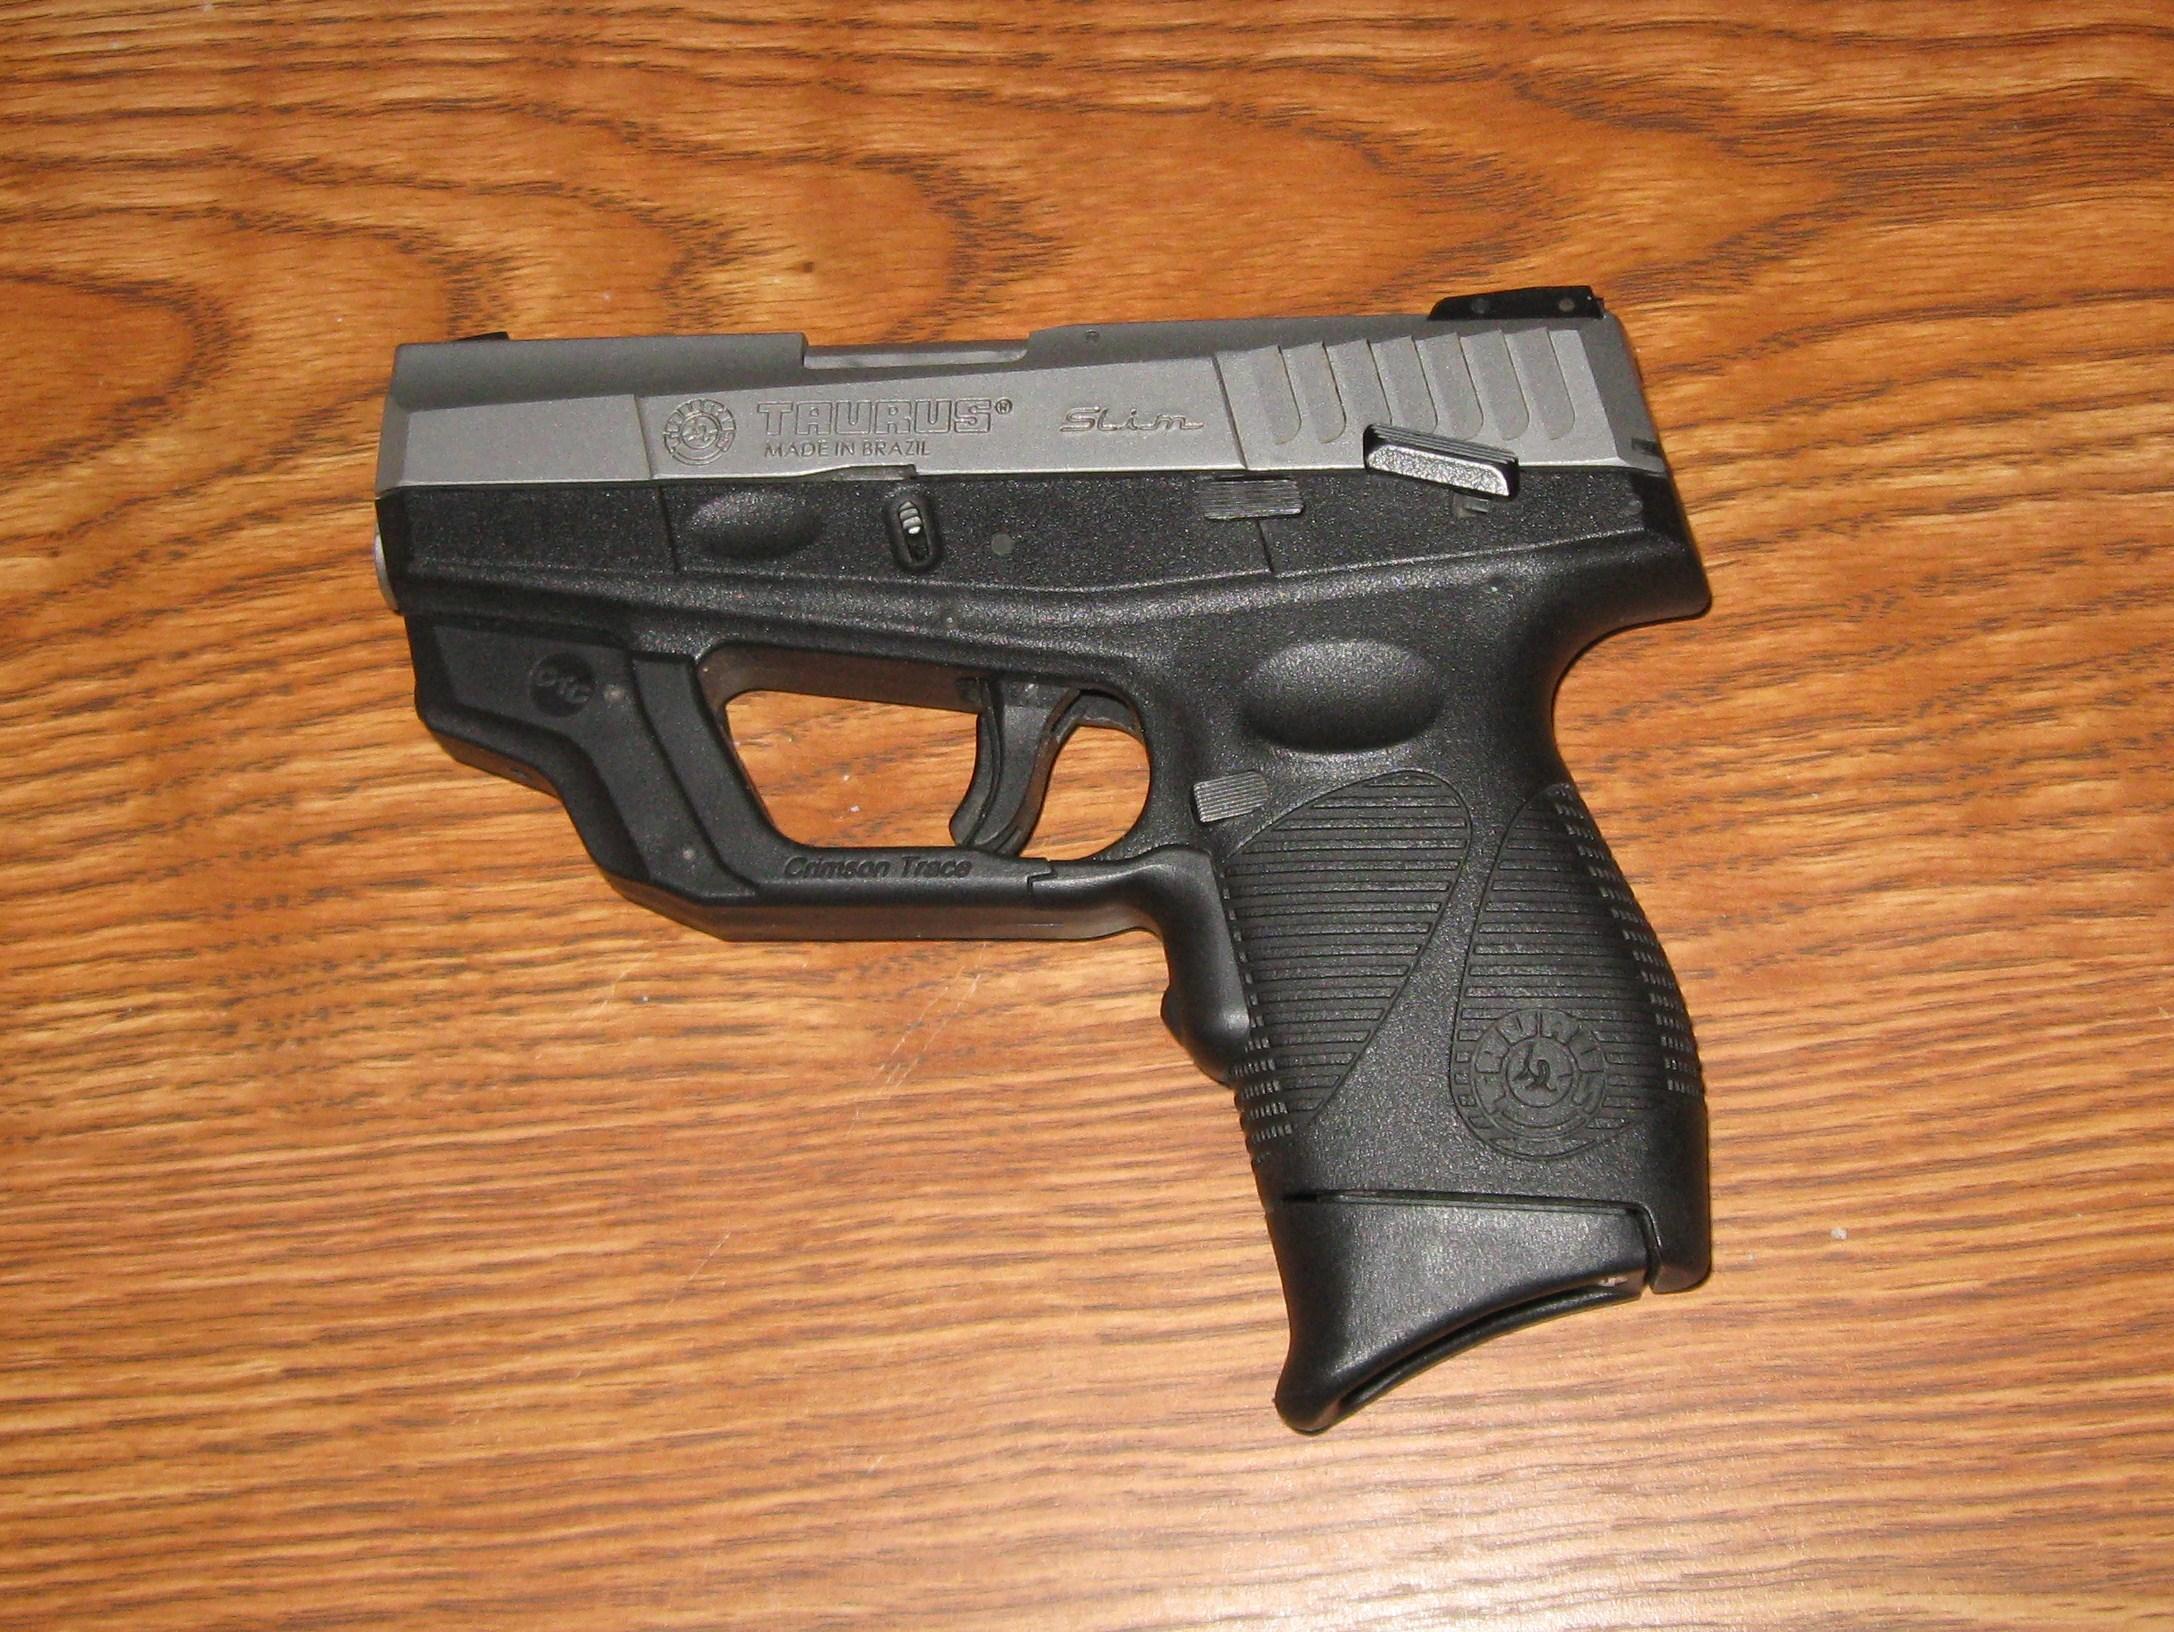 709 slim 9mm pistol - 709 Slim 9mm Pistol 4